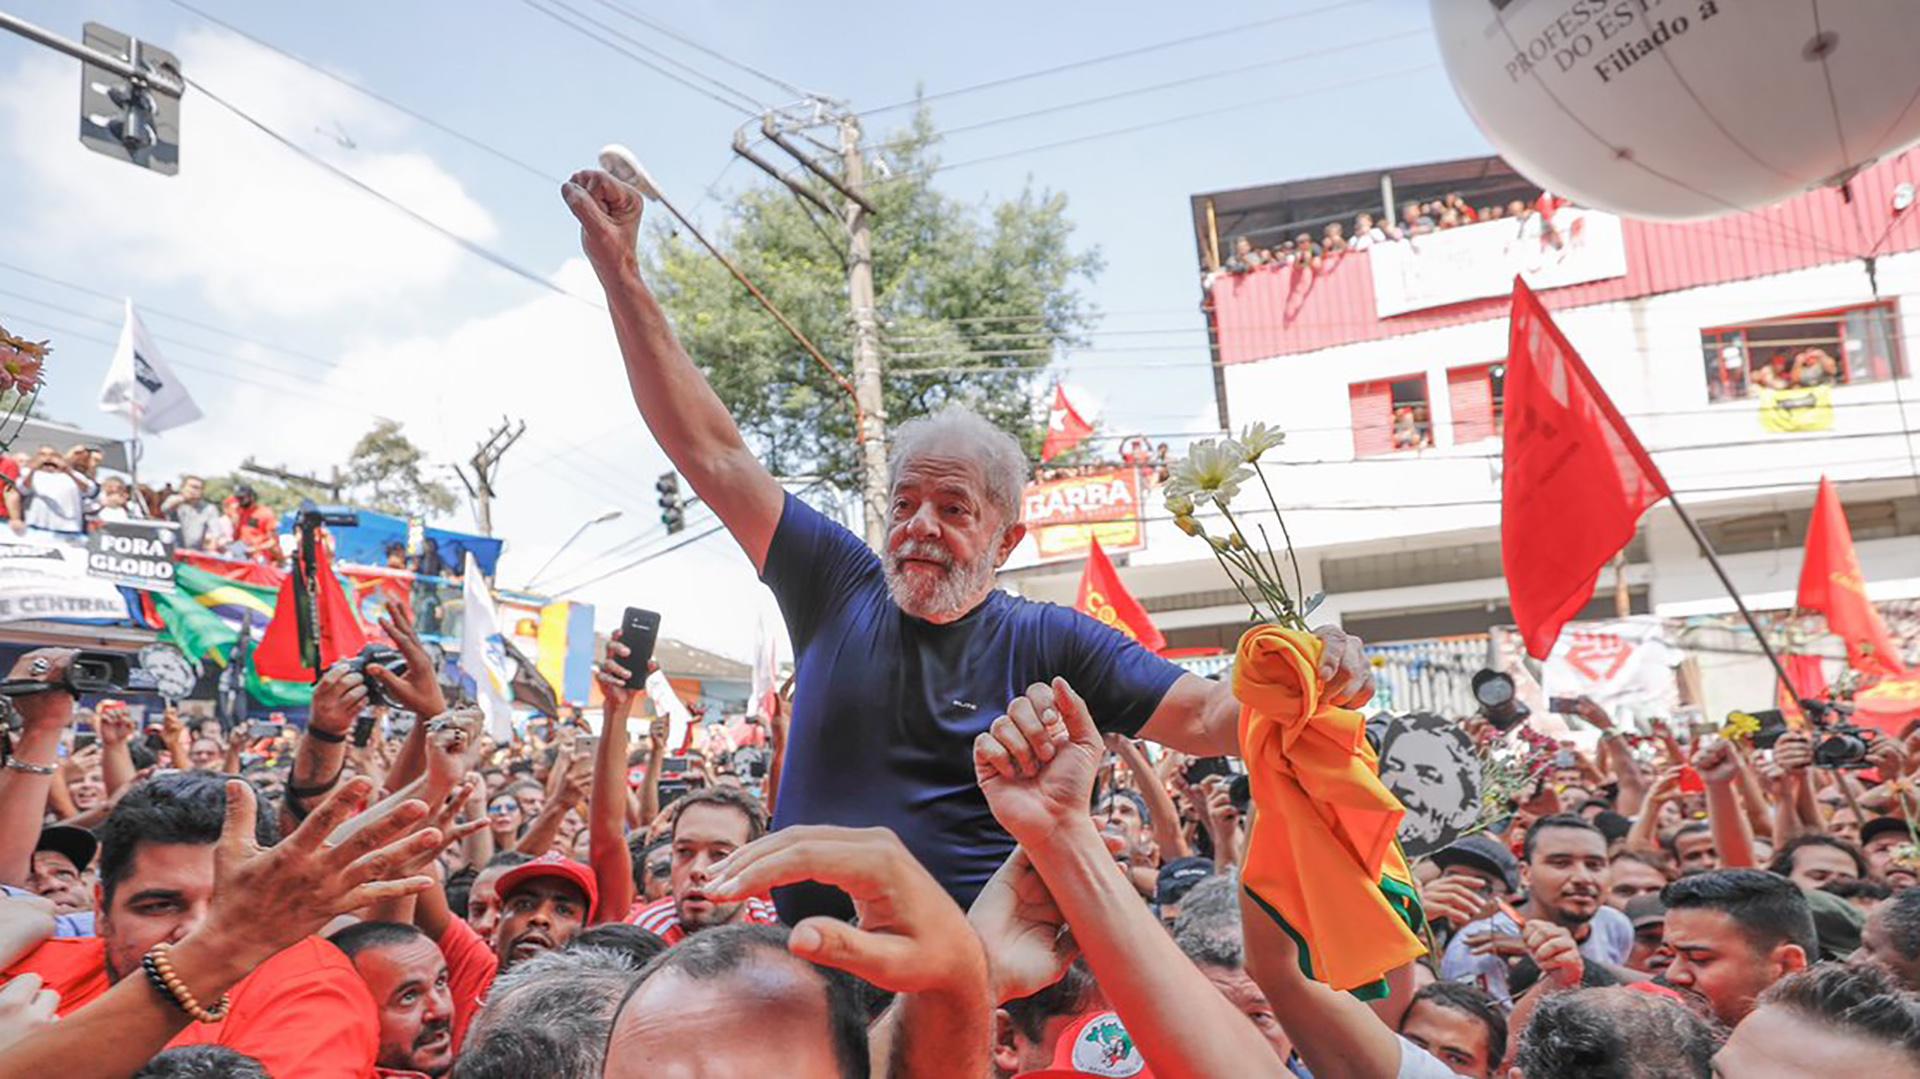 """7 de abril de 2018. Lula habló ante miles de seguidores que se congregaron frente al sindicato metalúrgico en Sao Bernardo do Campo en su último discurso antes de ser encarceladopor corrupción. """"Jamás podrán apresar nuestros sueños"""", dijo (Ricardo Stuckert)"""